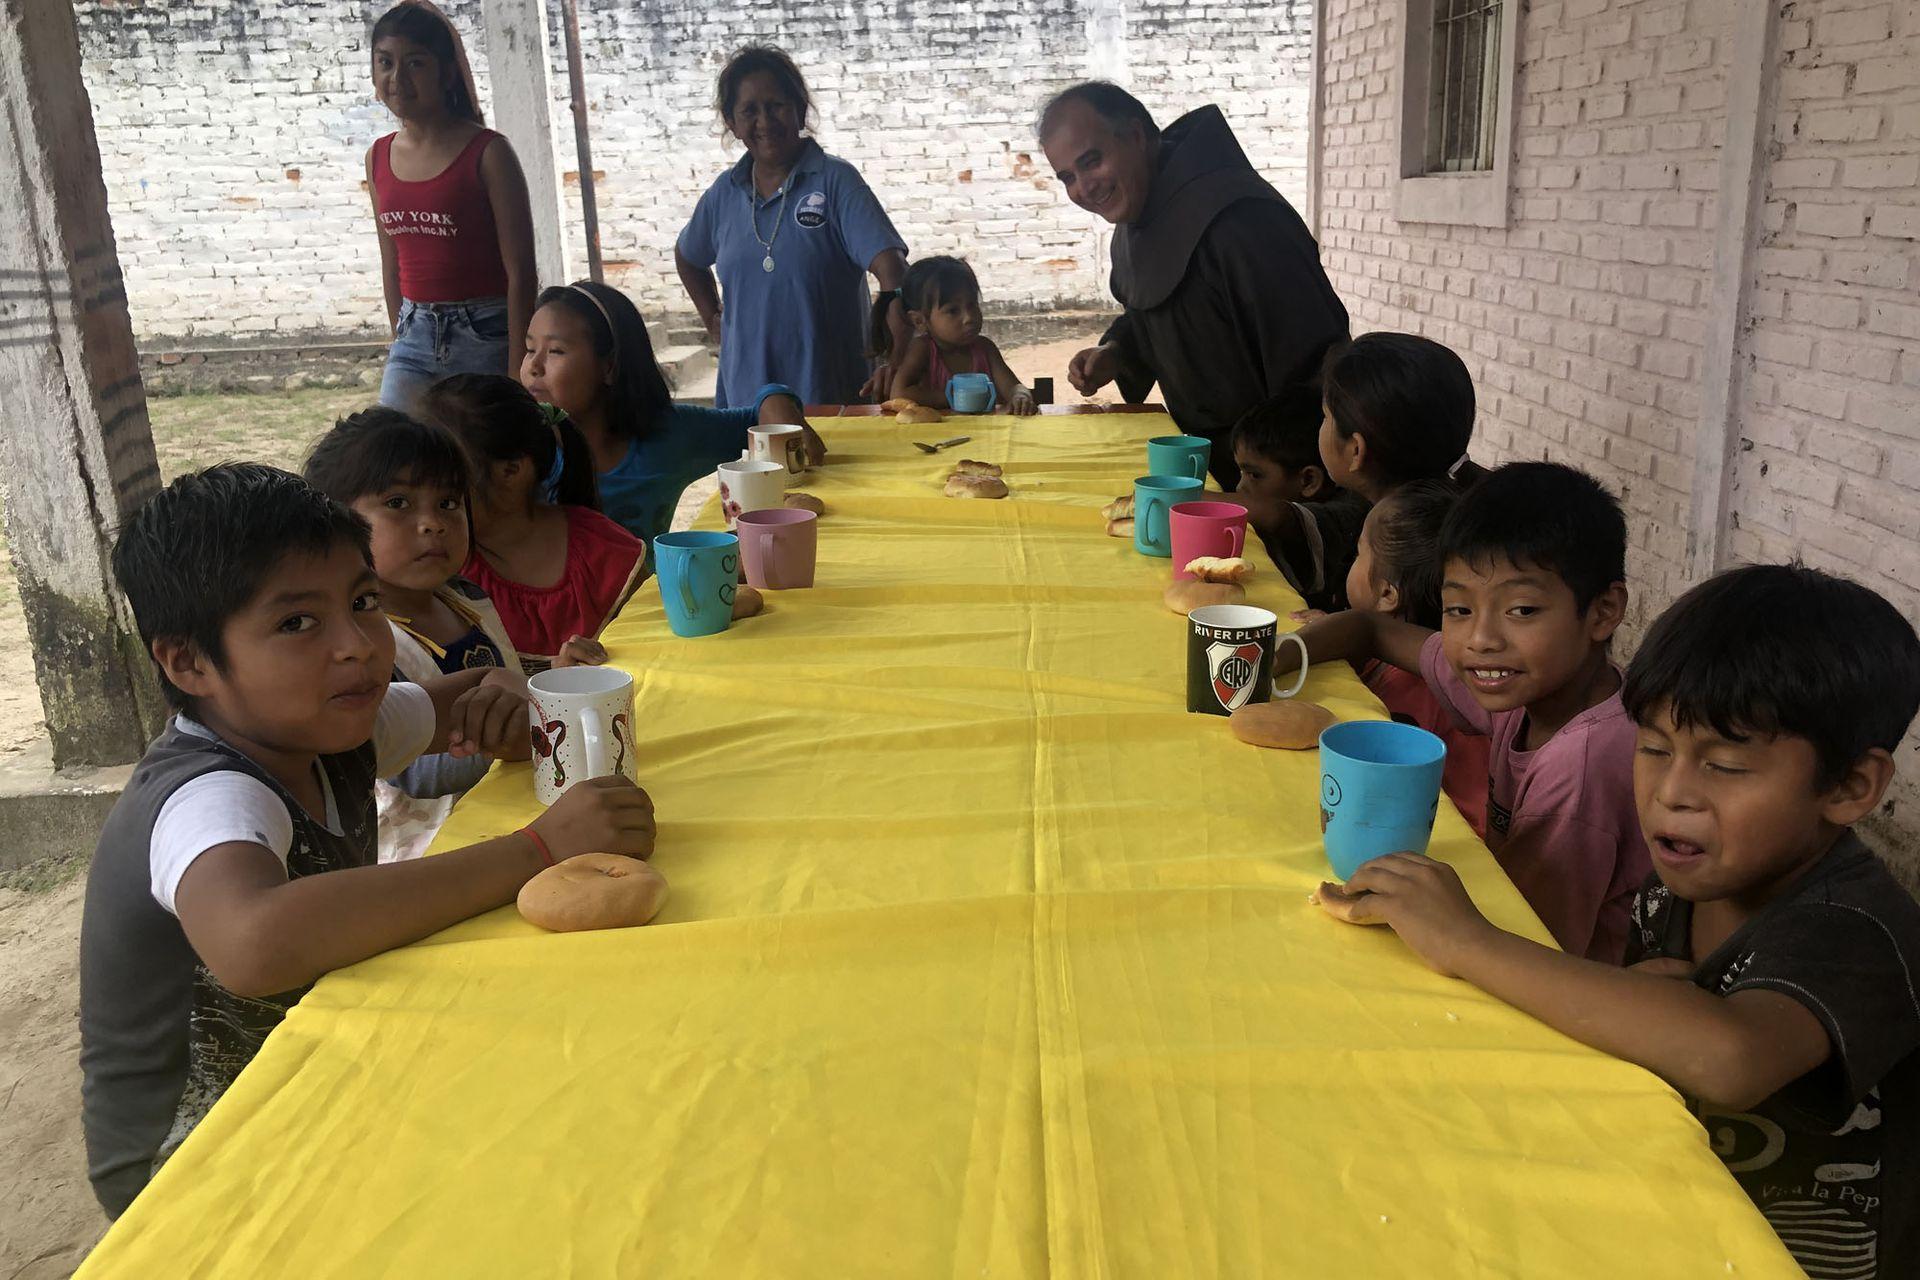 En la zona de Aguaray existen 26 comunidades del pueblo guaraní, chané y wichi. Los hermanos franciscanos llevan adelante allí comedores, merenderos y proyectos de carpintería, huertas y producción de calzado.